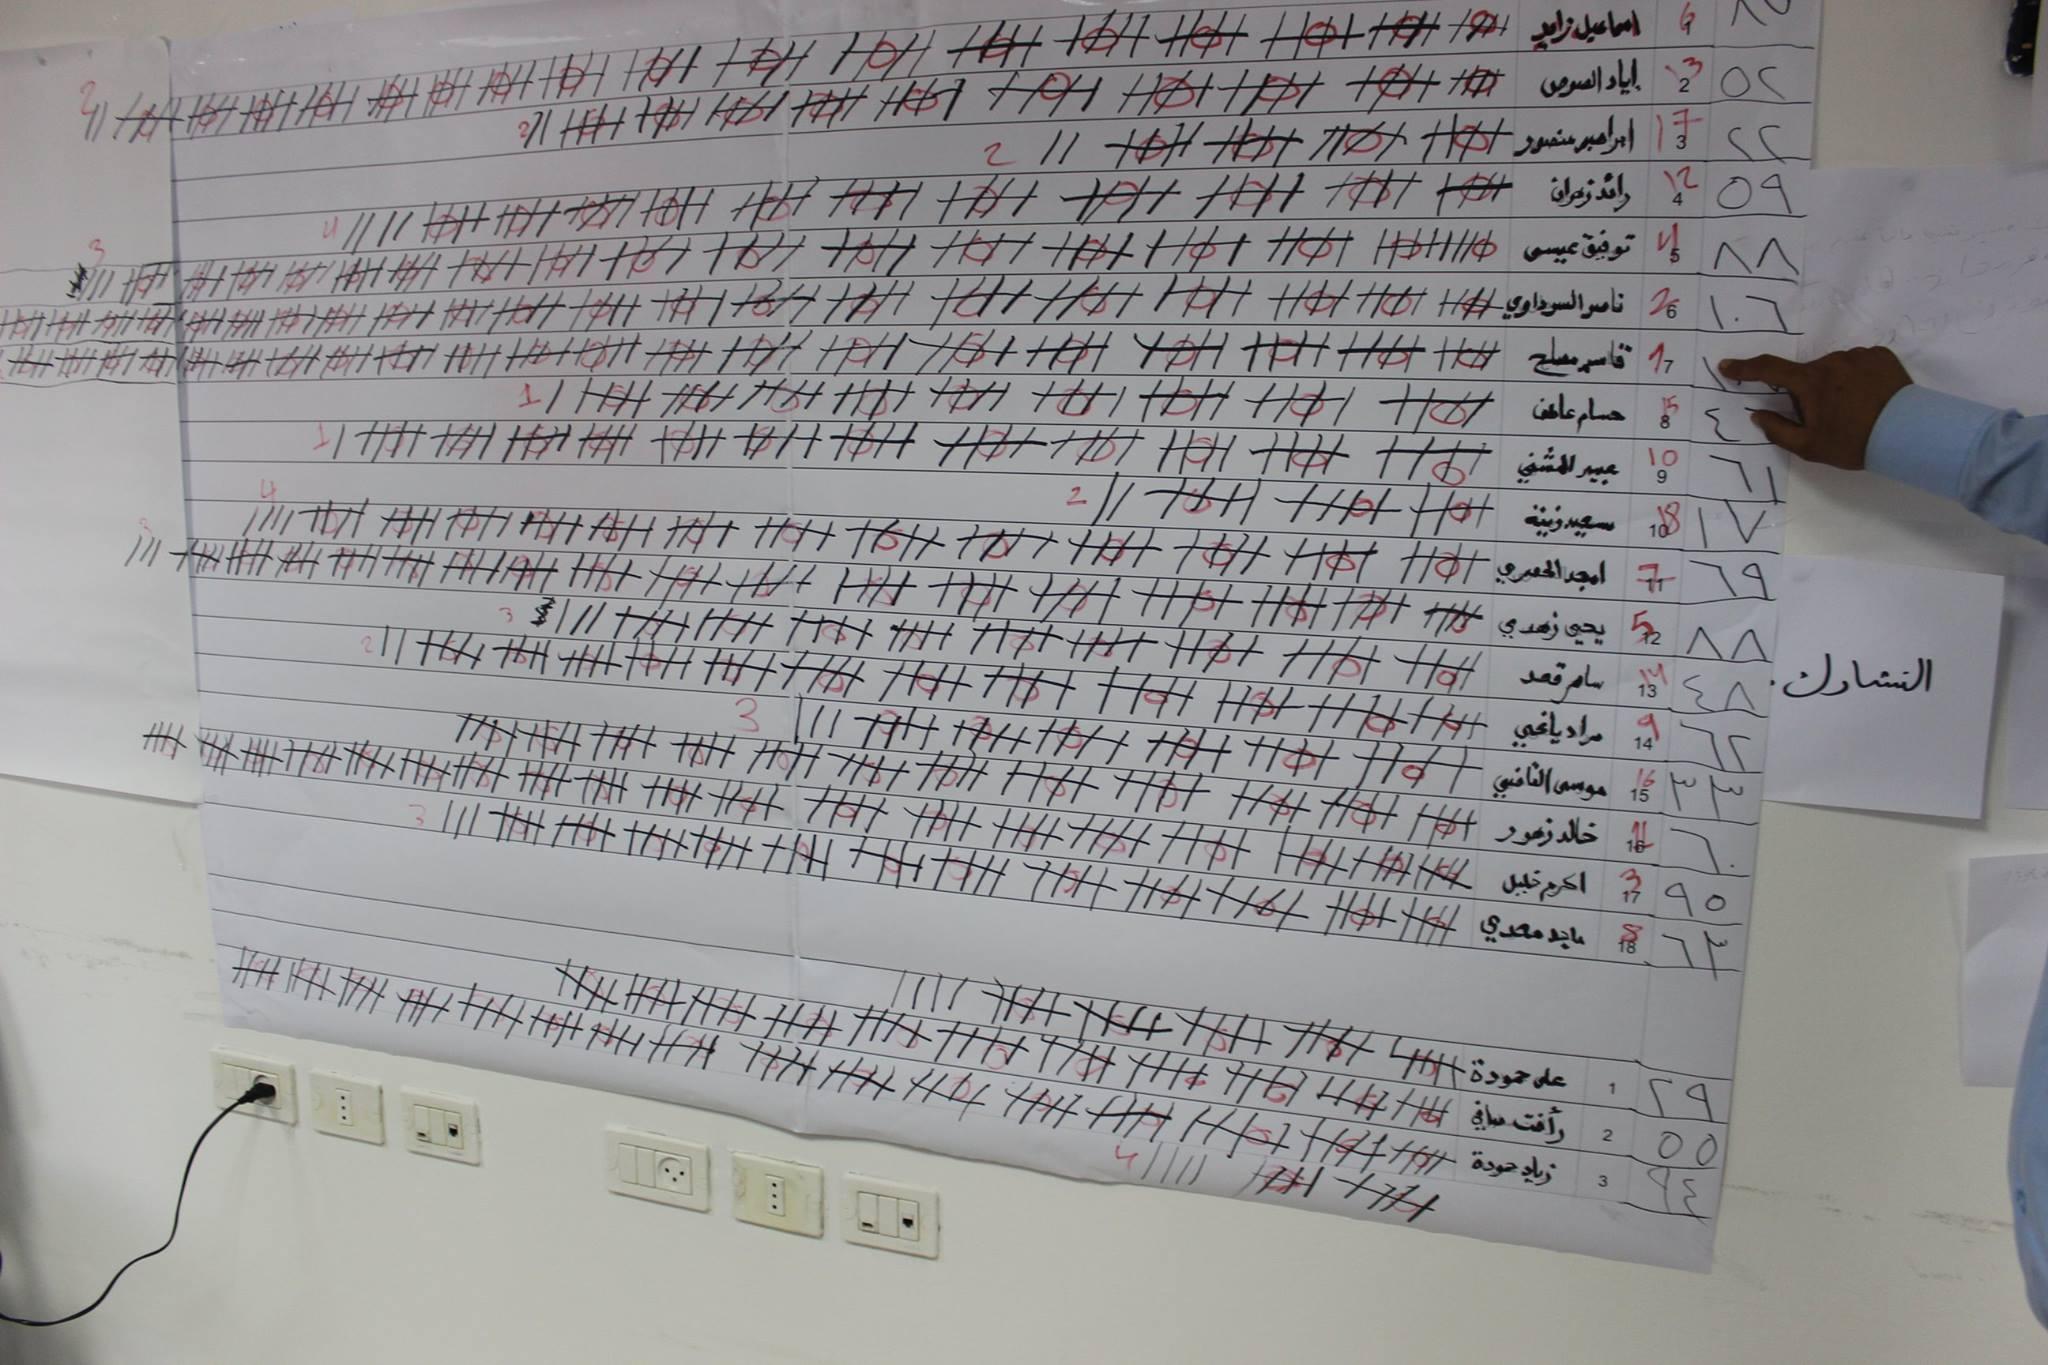 انتخابات نقابة العاملين في مصلحة مياه محافظة القدس